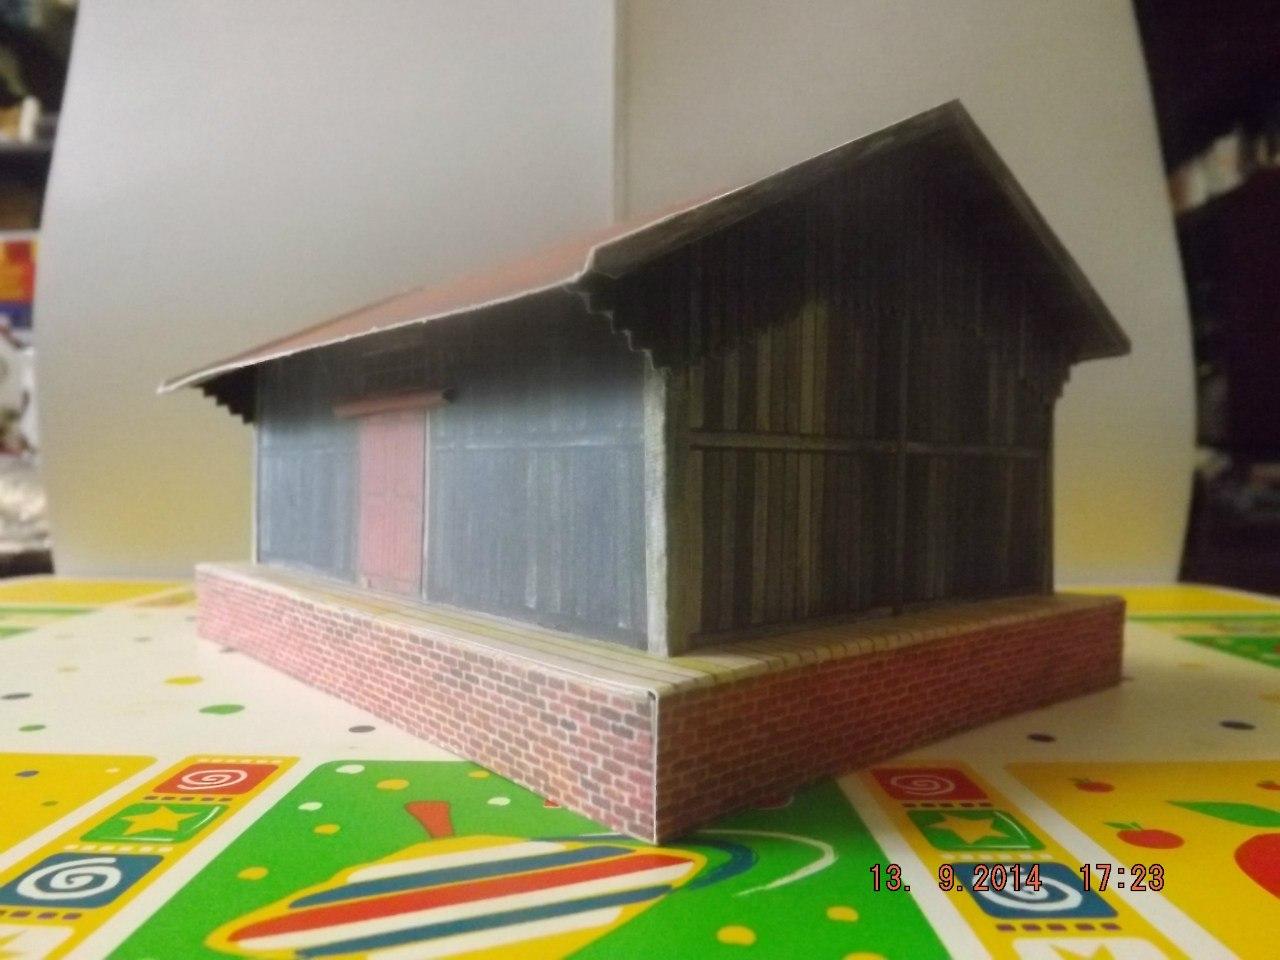 Здания, сооружения и другие дополнения для макетов от других производителей